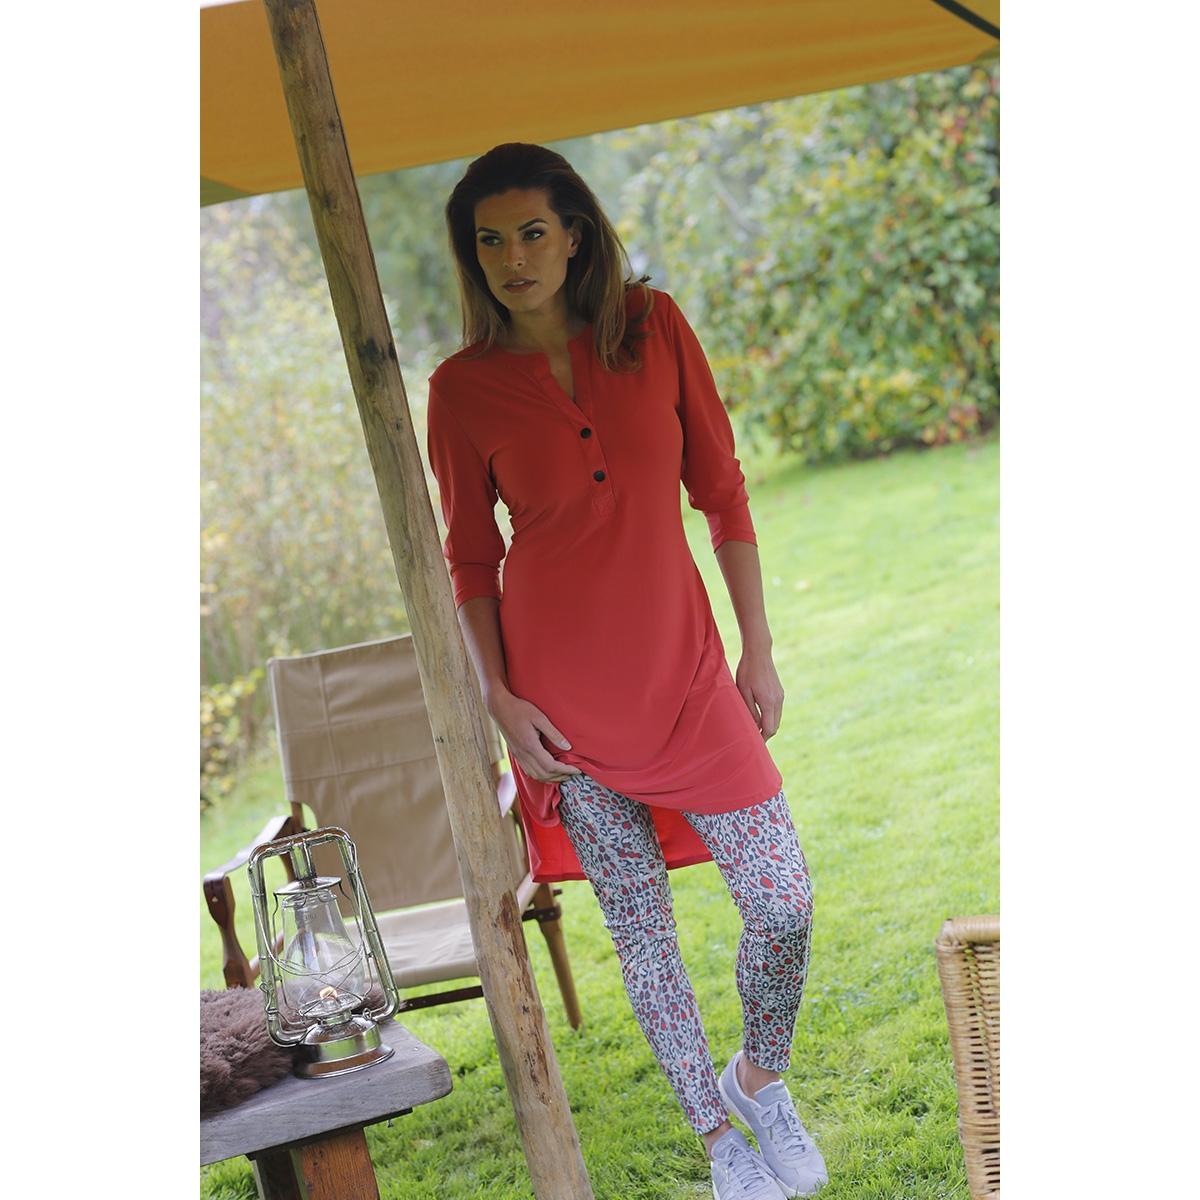 esra travel tunic buttons 201 zoso jurk 0072 desert red